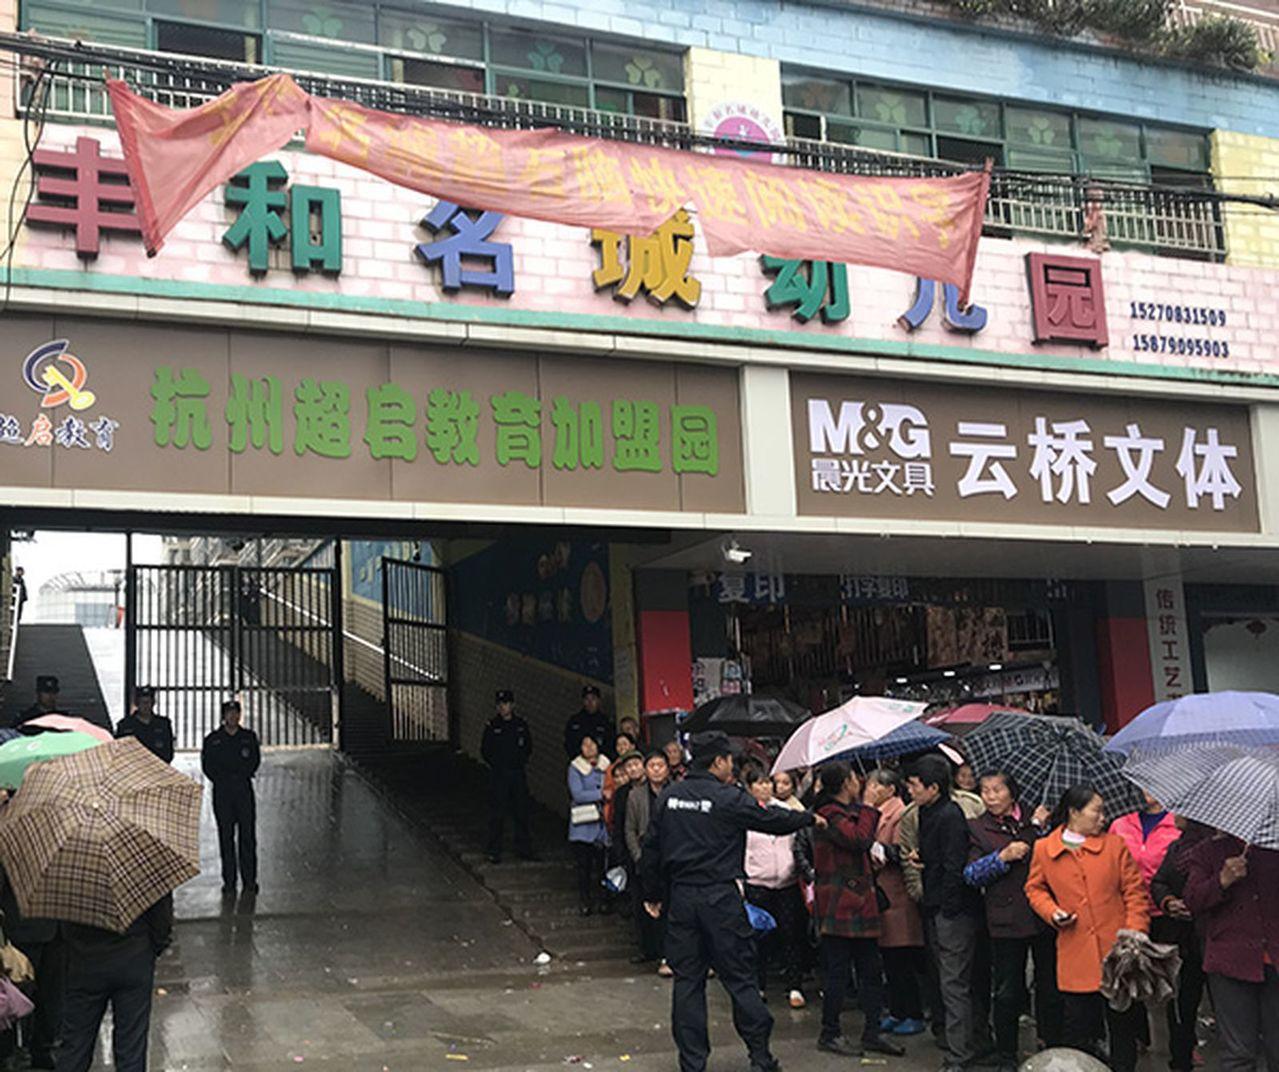 11月16日,進賢下著小雨,豐和名城幼兒園門口兩邊站著圍觀的人群。 澎湃新聞